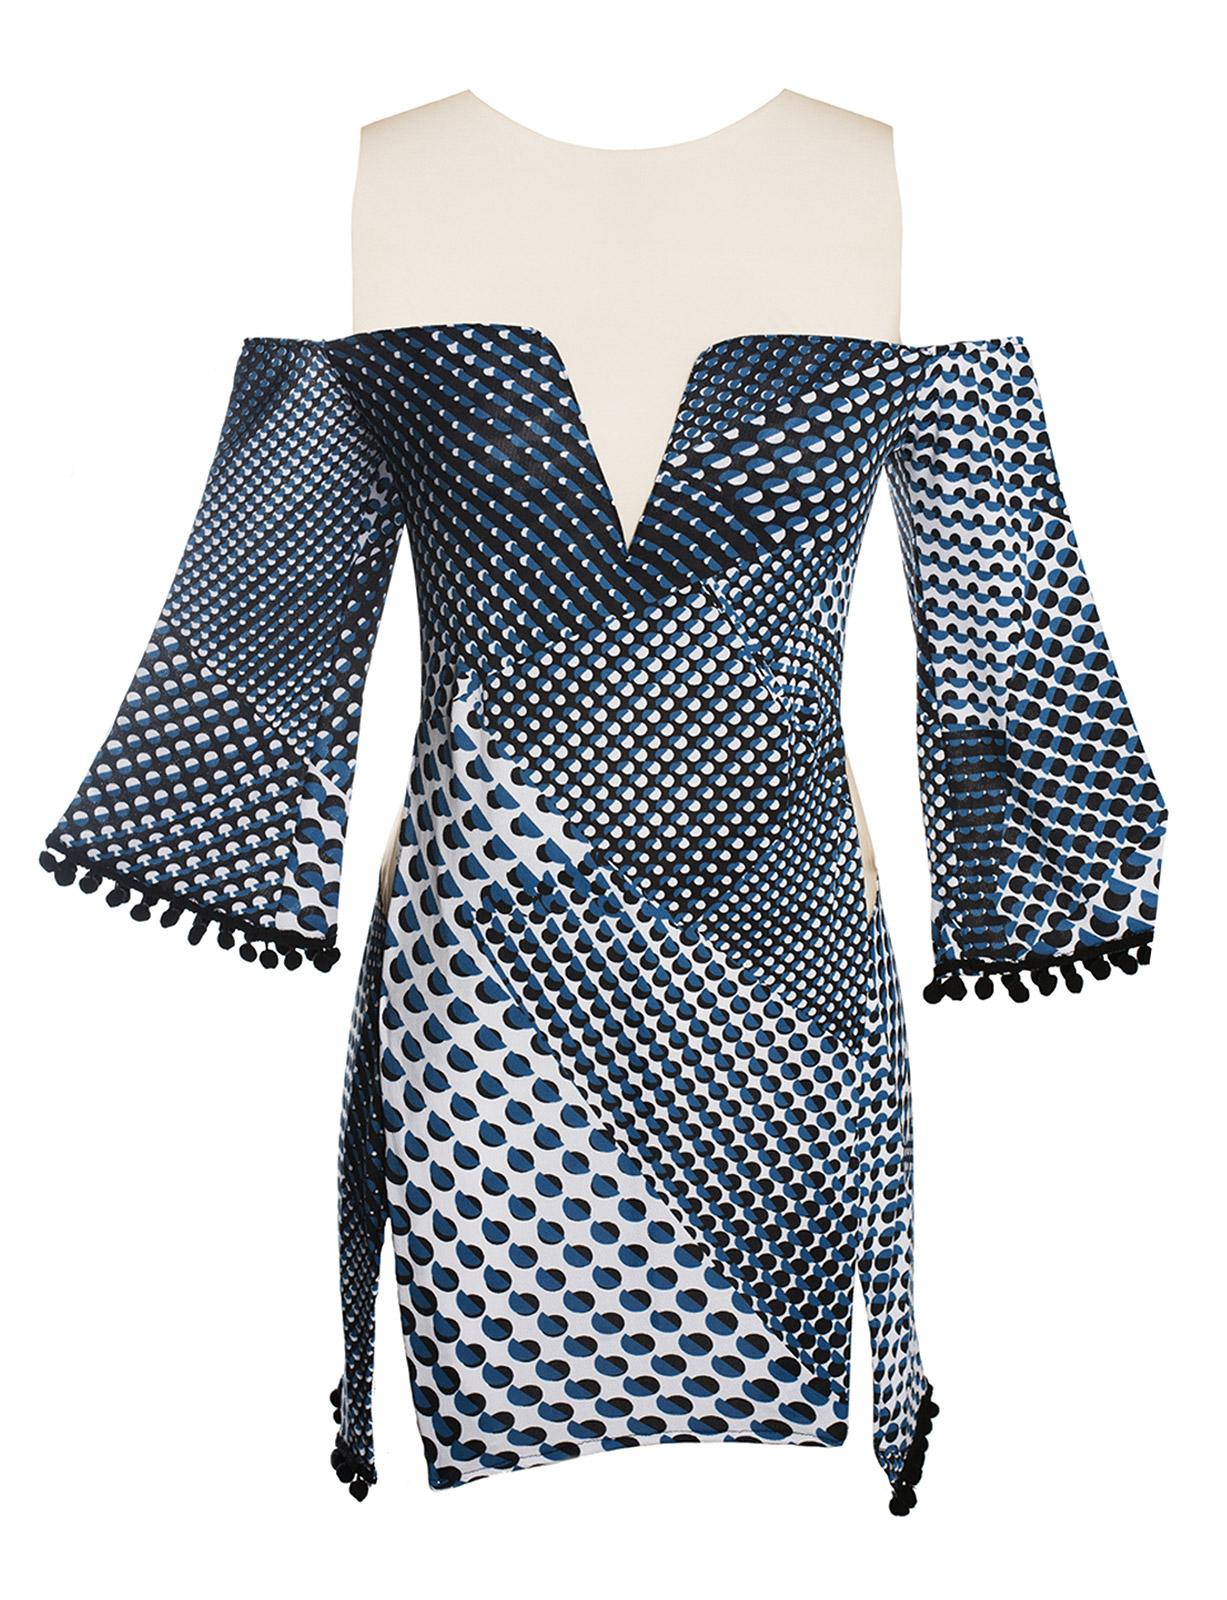 d70e472650c2 Διάφανο μπλε φόρεμα παραλίας με γεωμετρικά μοτίβα - New Hype - Despi